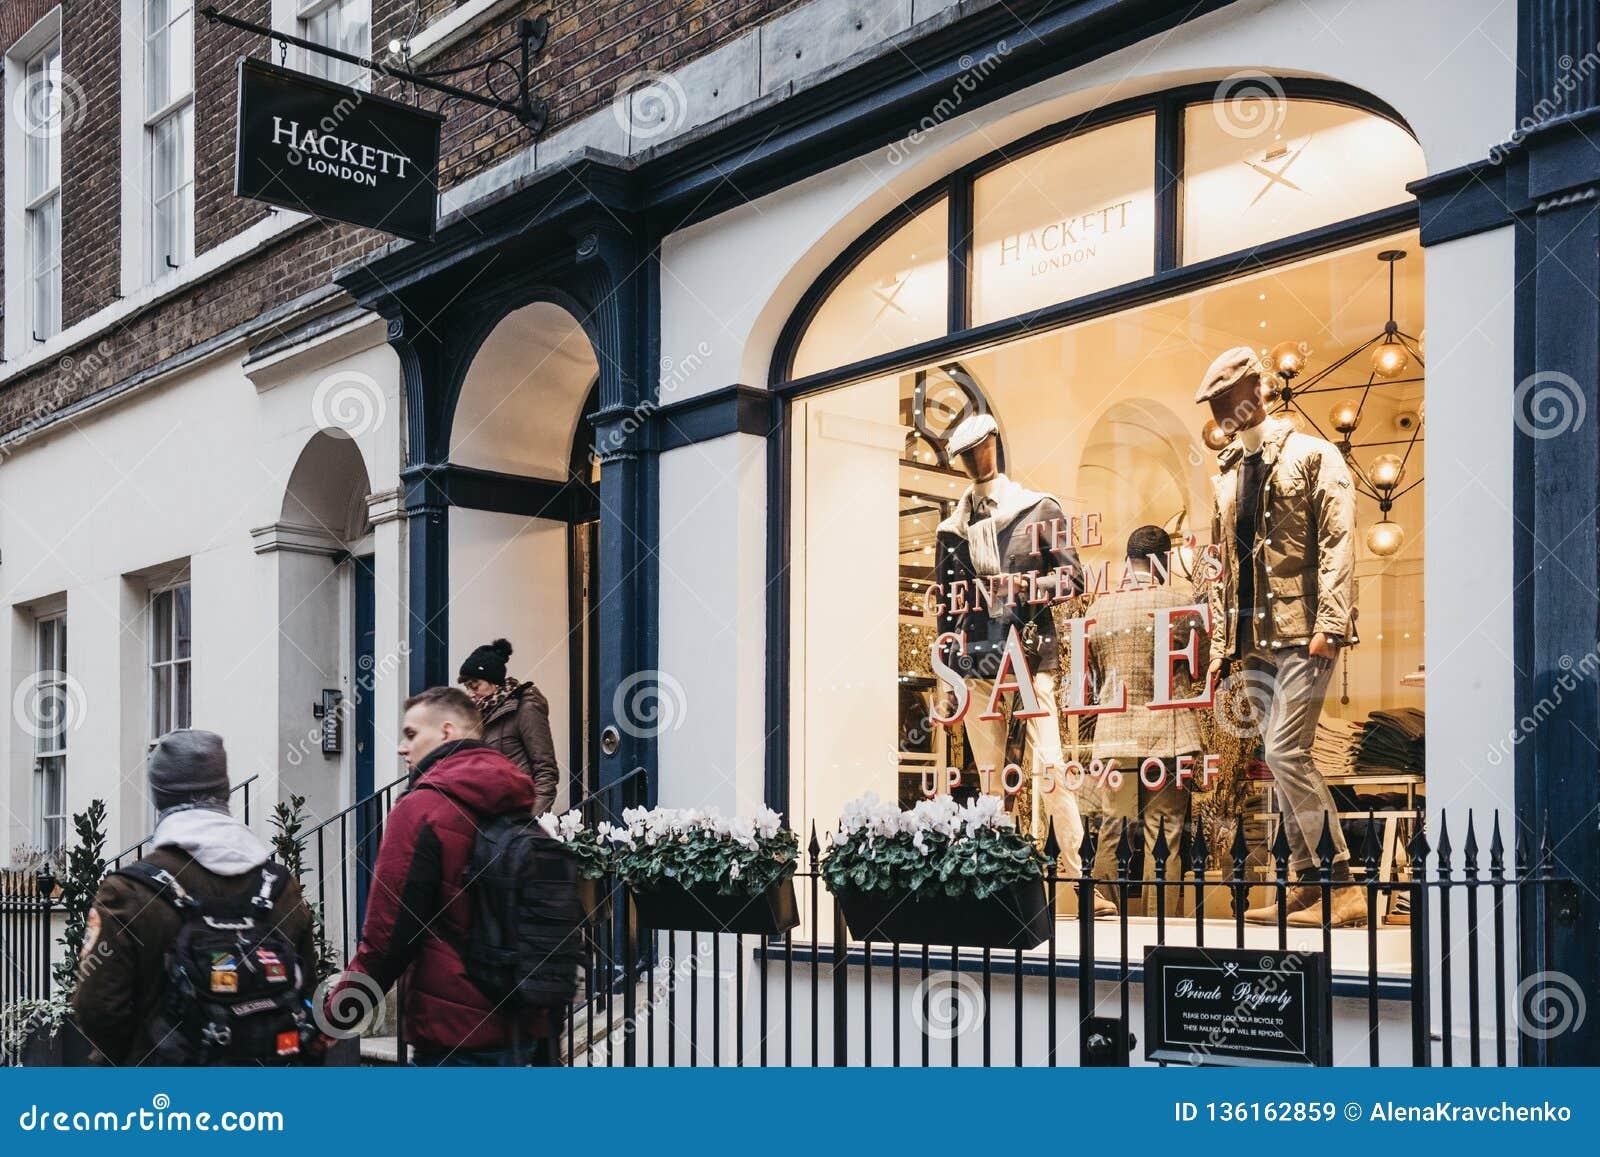 Outstanding People Walking Past Hackett Shop In Covent Garden London Inzonedesignstudio Interior Chair Design Inzonedesignstudiocom